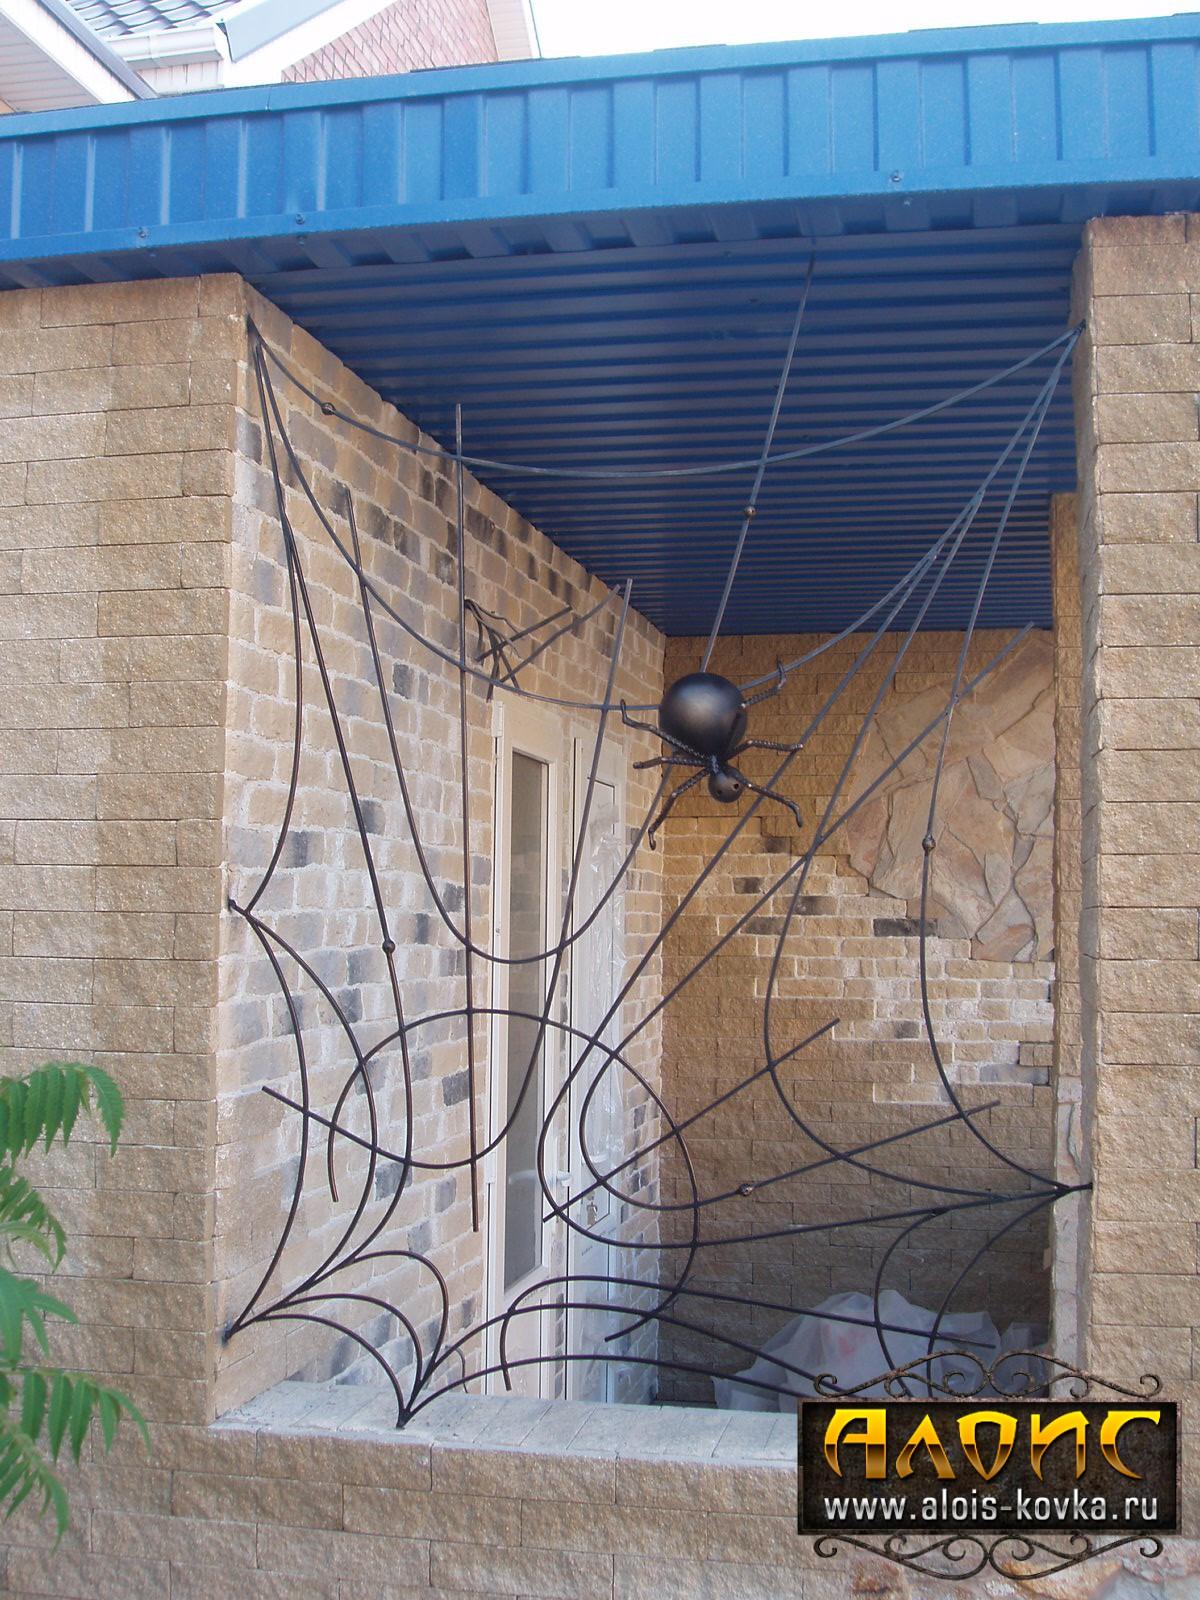 Подобрать красивые кованые решетки на окна по фото на заказ